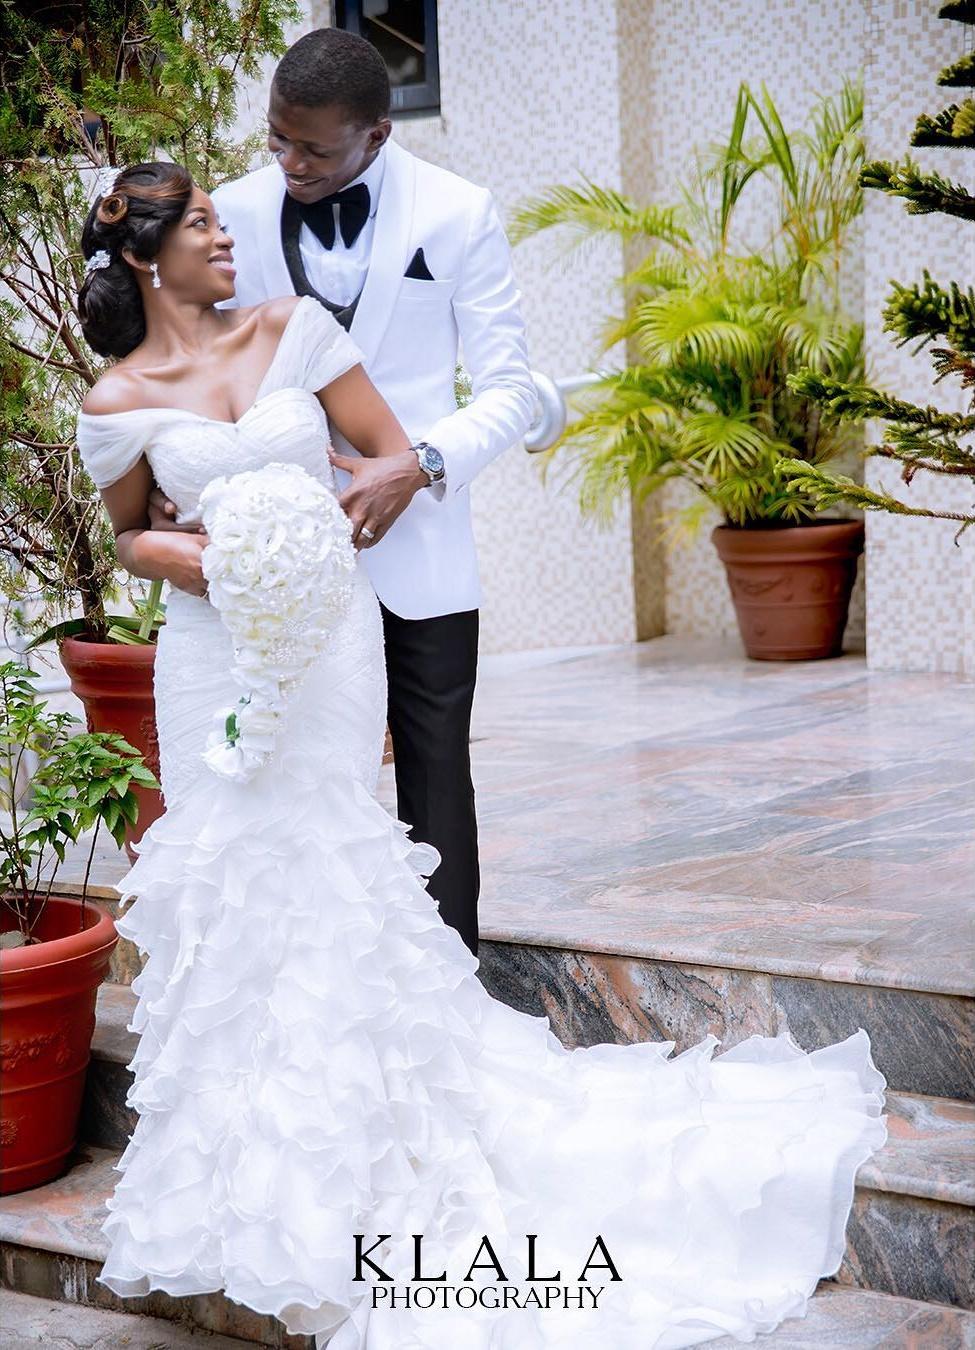 Bride wedding ballgown